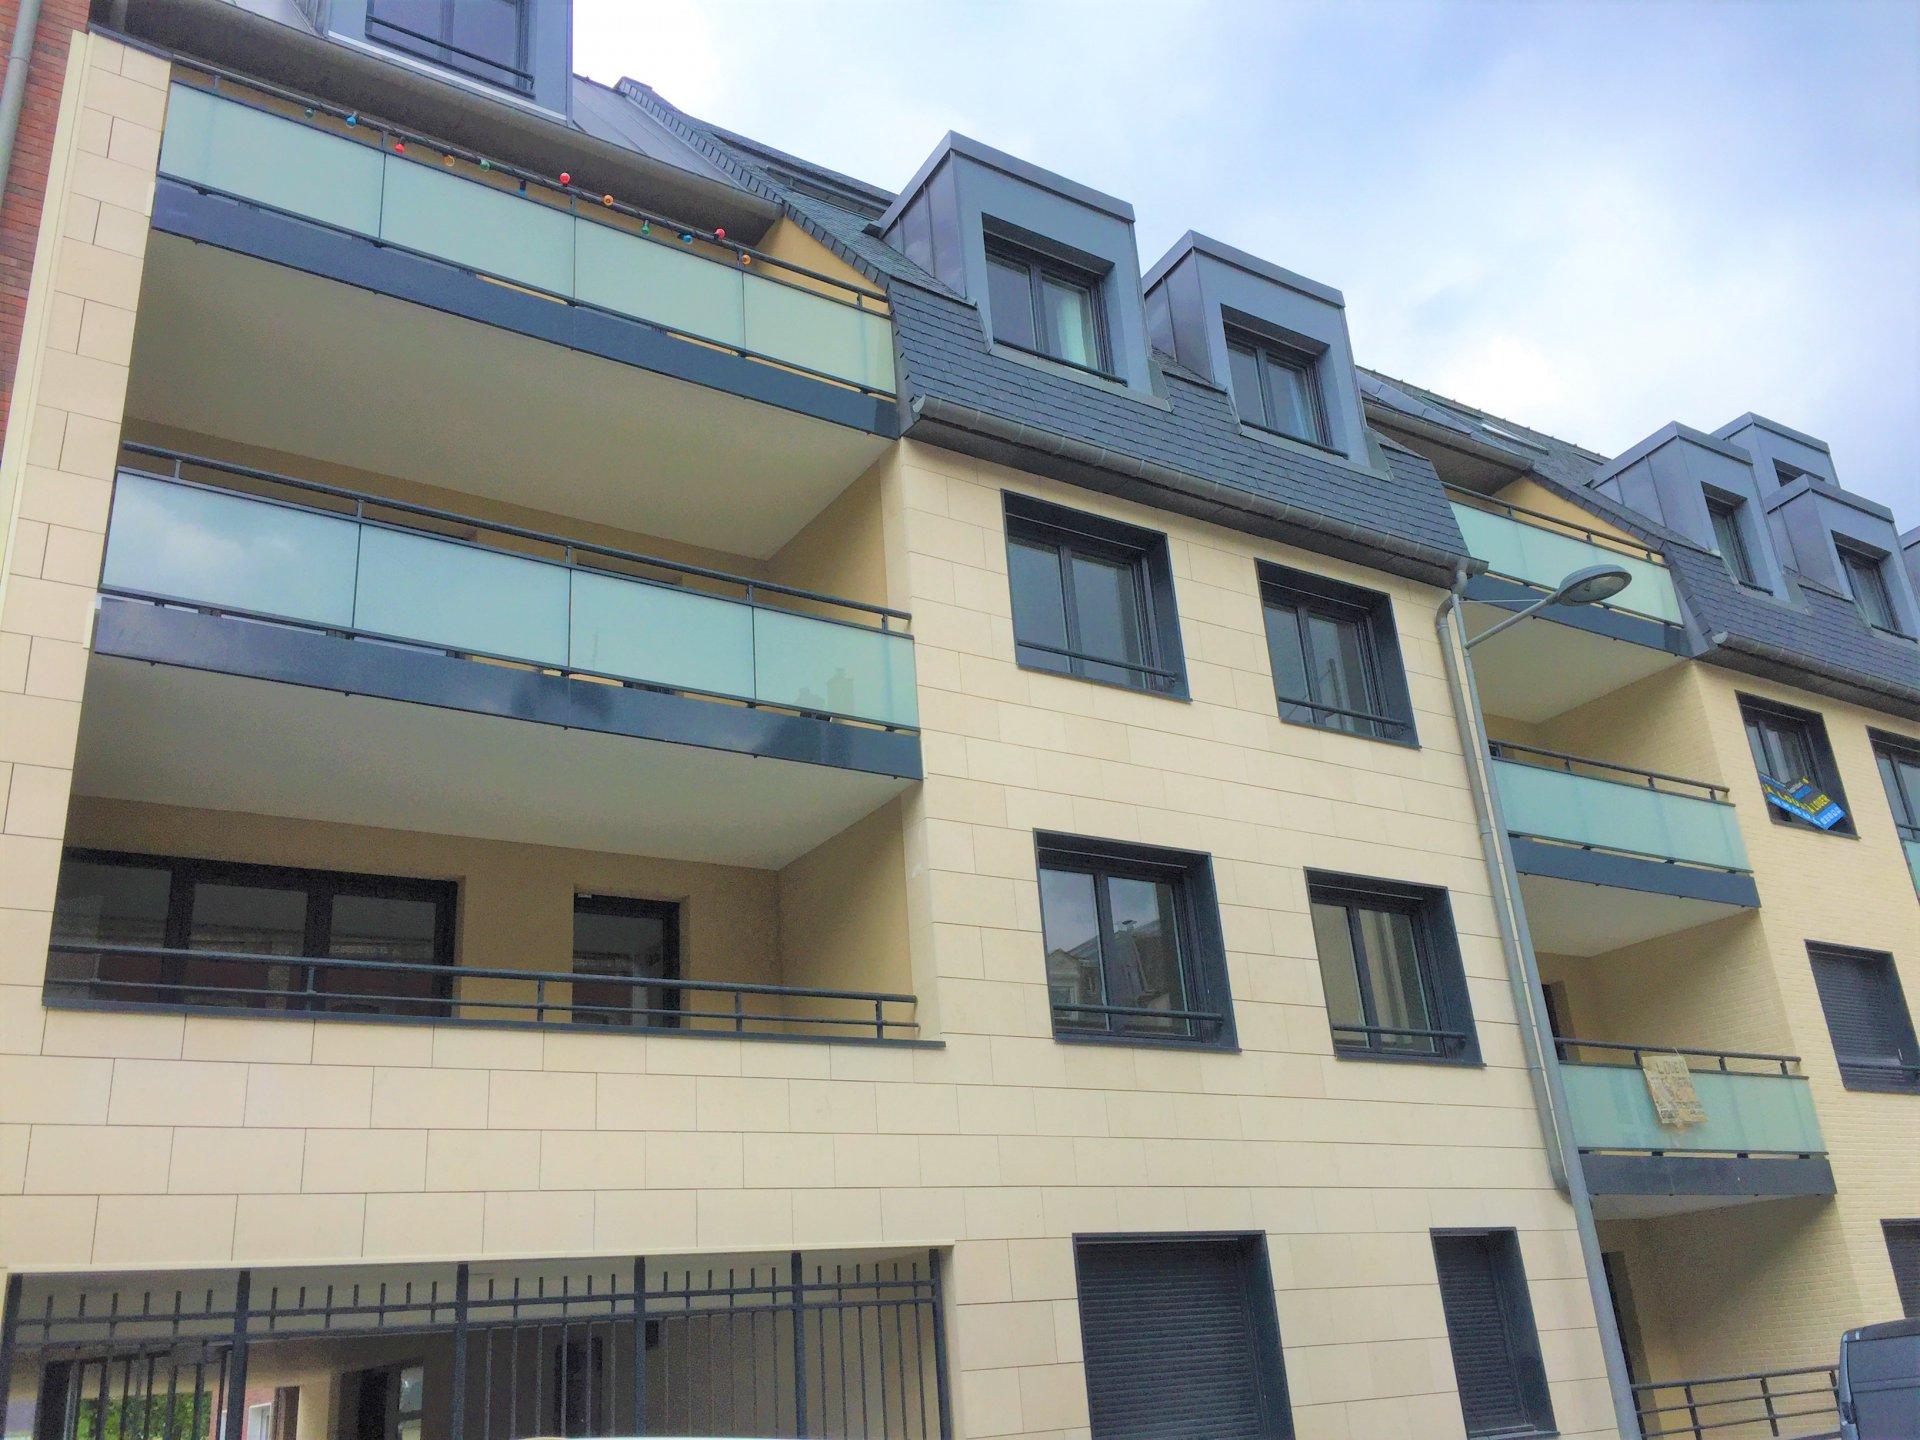 Appartement T2 - ROUEN Quartier GARE